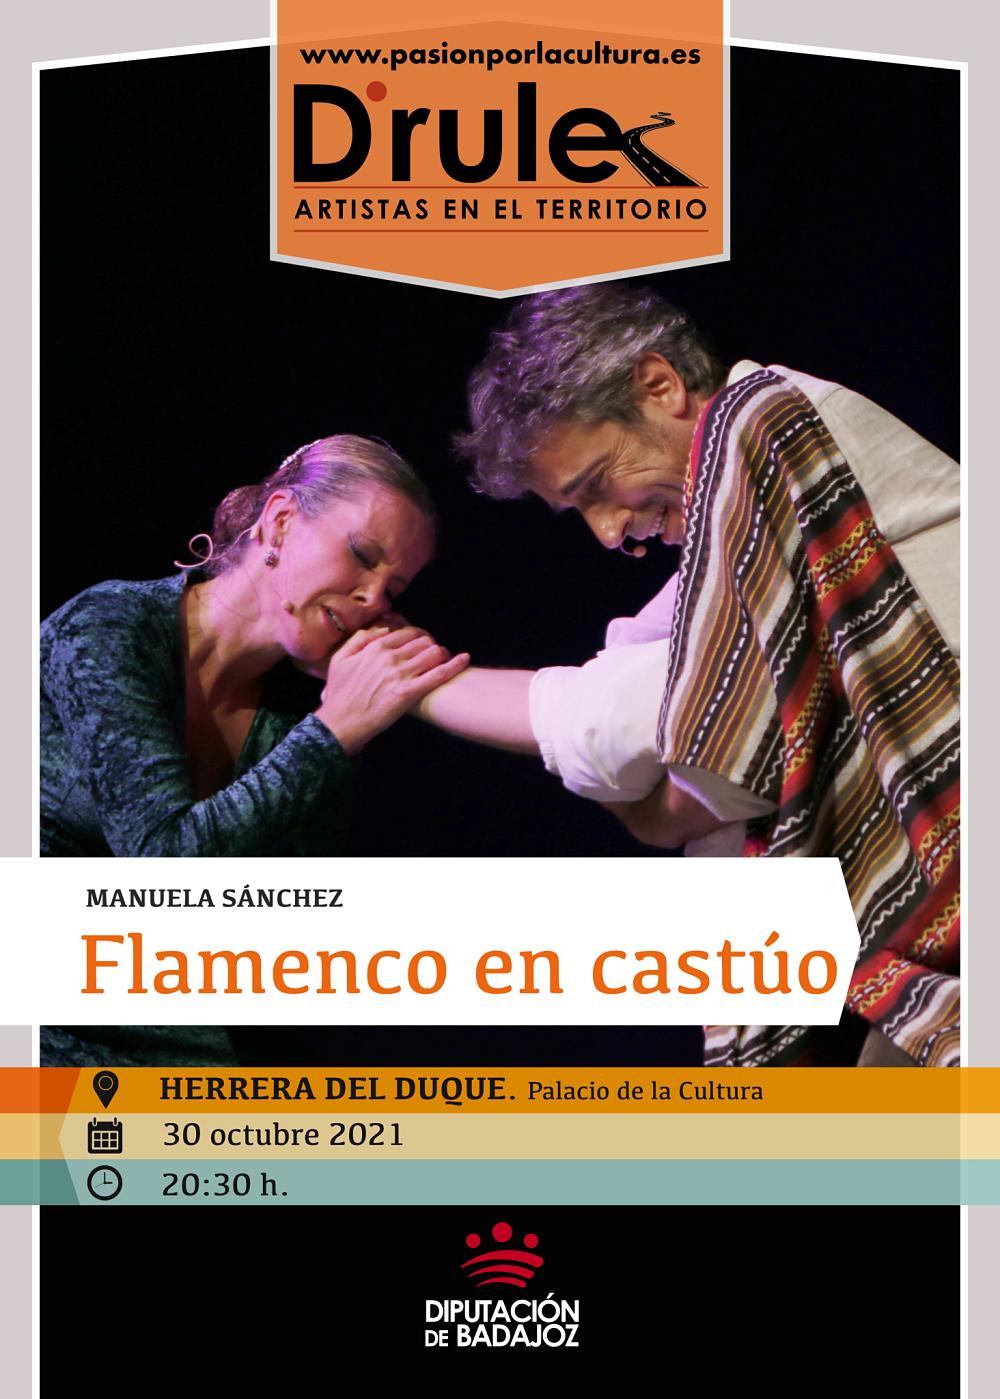 Imagen del Evento Flamenco en Castúo